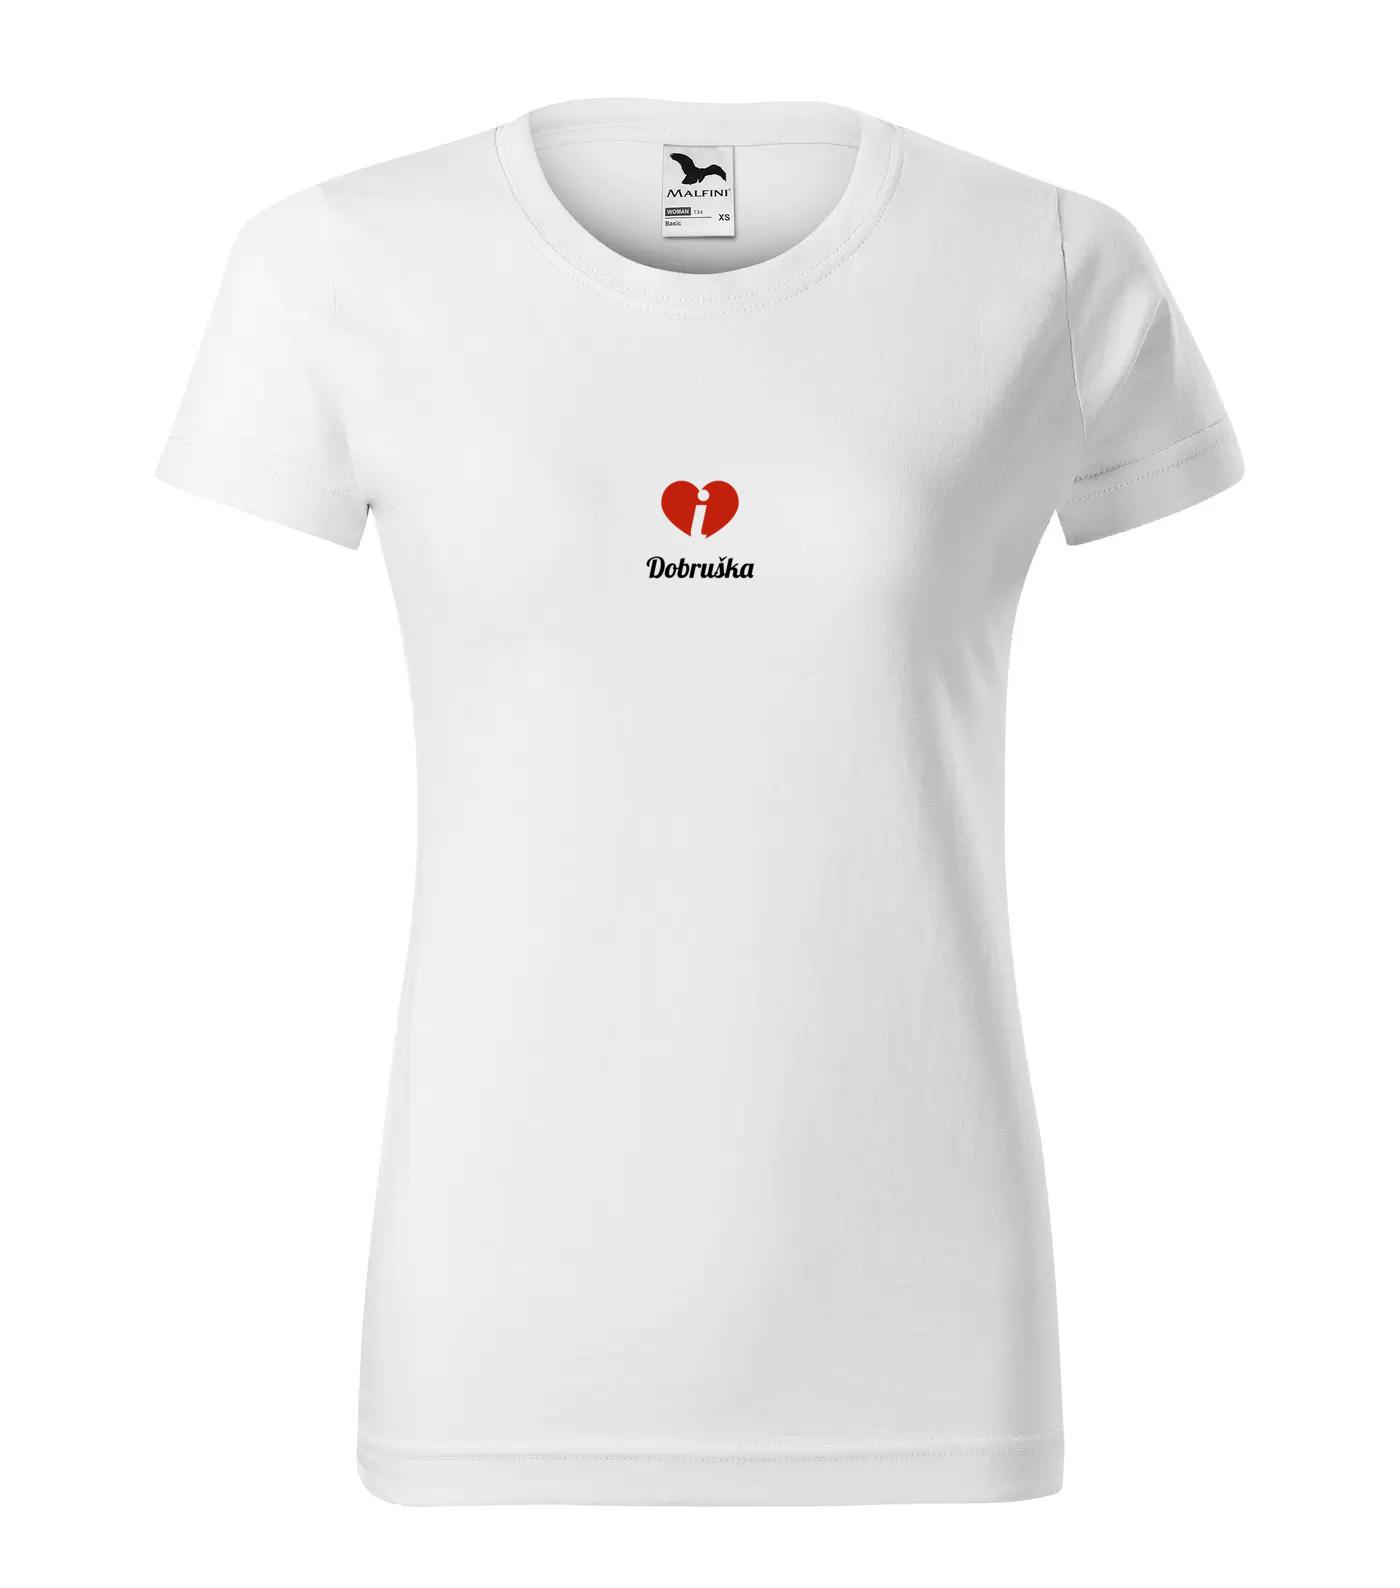 Tričko Dobruška